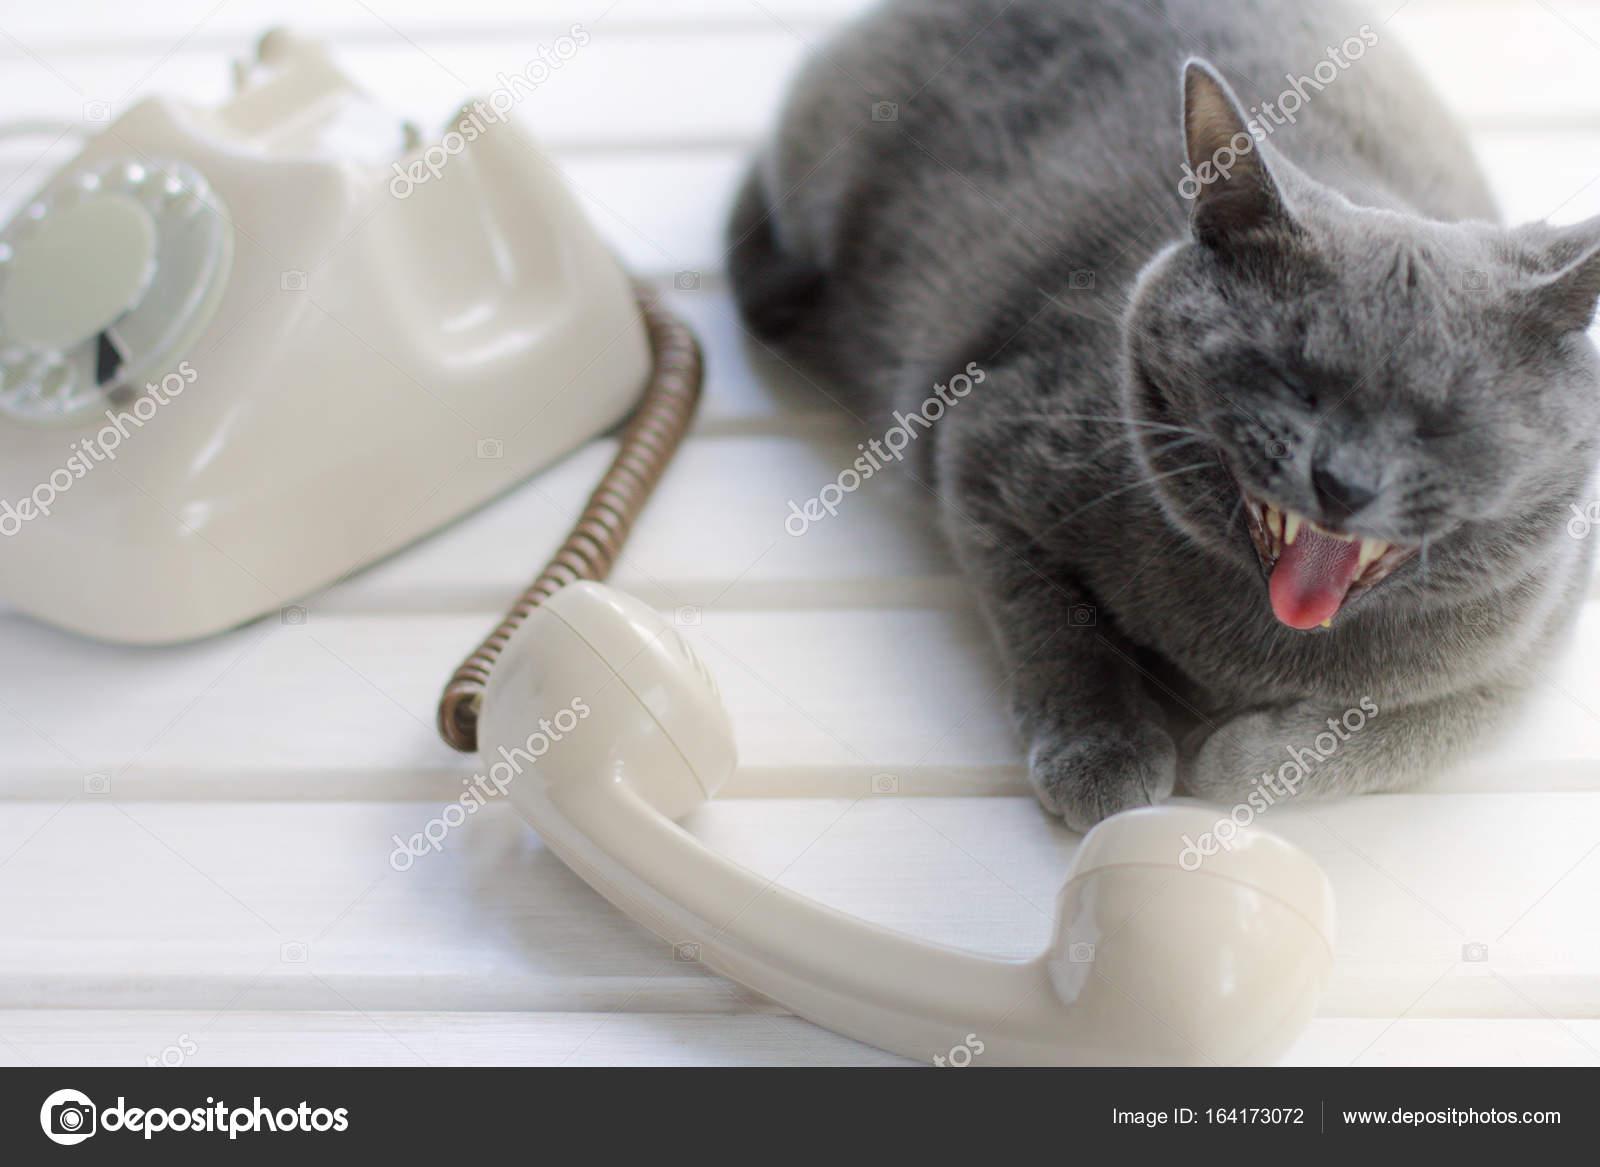 Говорящий кот 3 java 240x320 скачать для телефона samsung gt s5230.